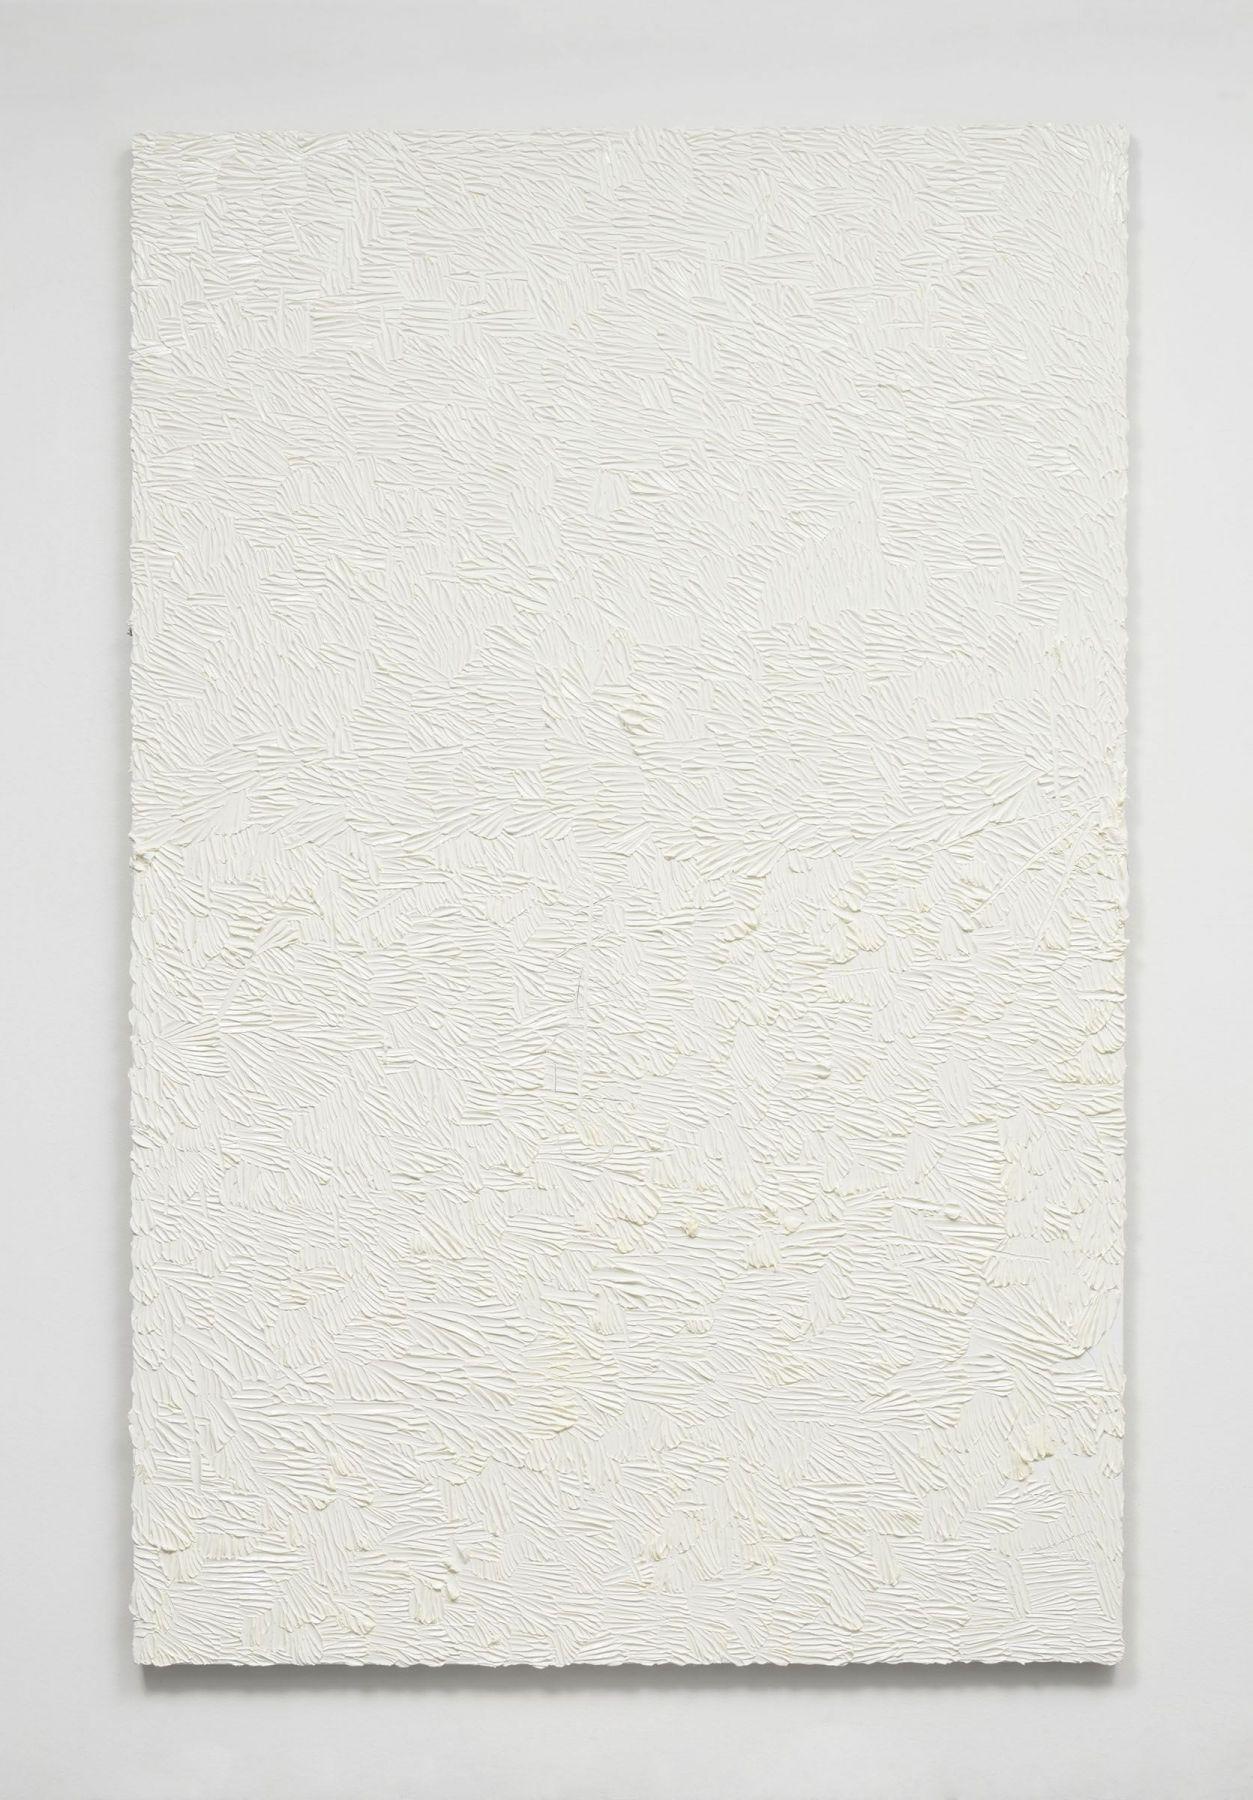 Elegy for whatever (postcript in white), 2016, Oil on linen